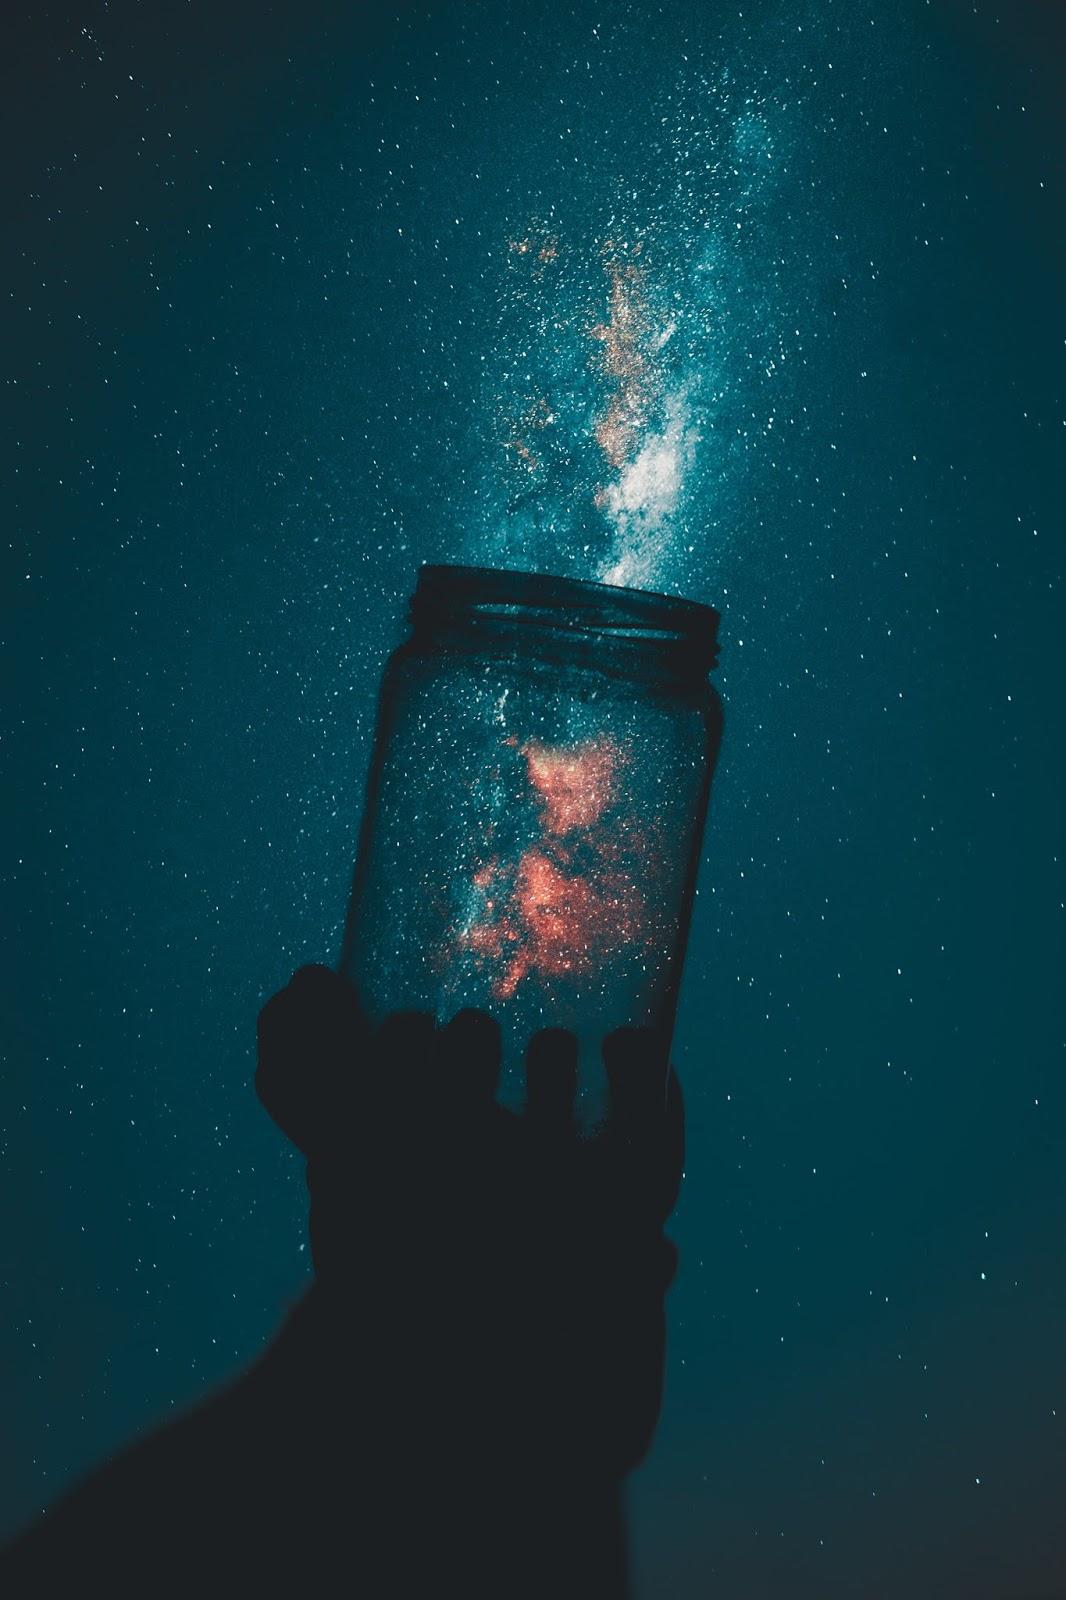 Hứng sao giữa màn đêm